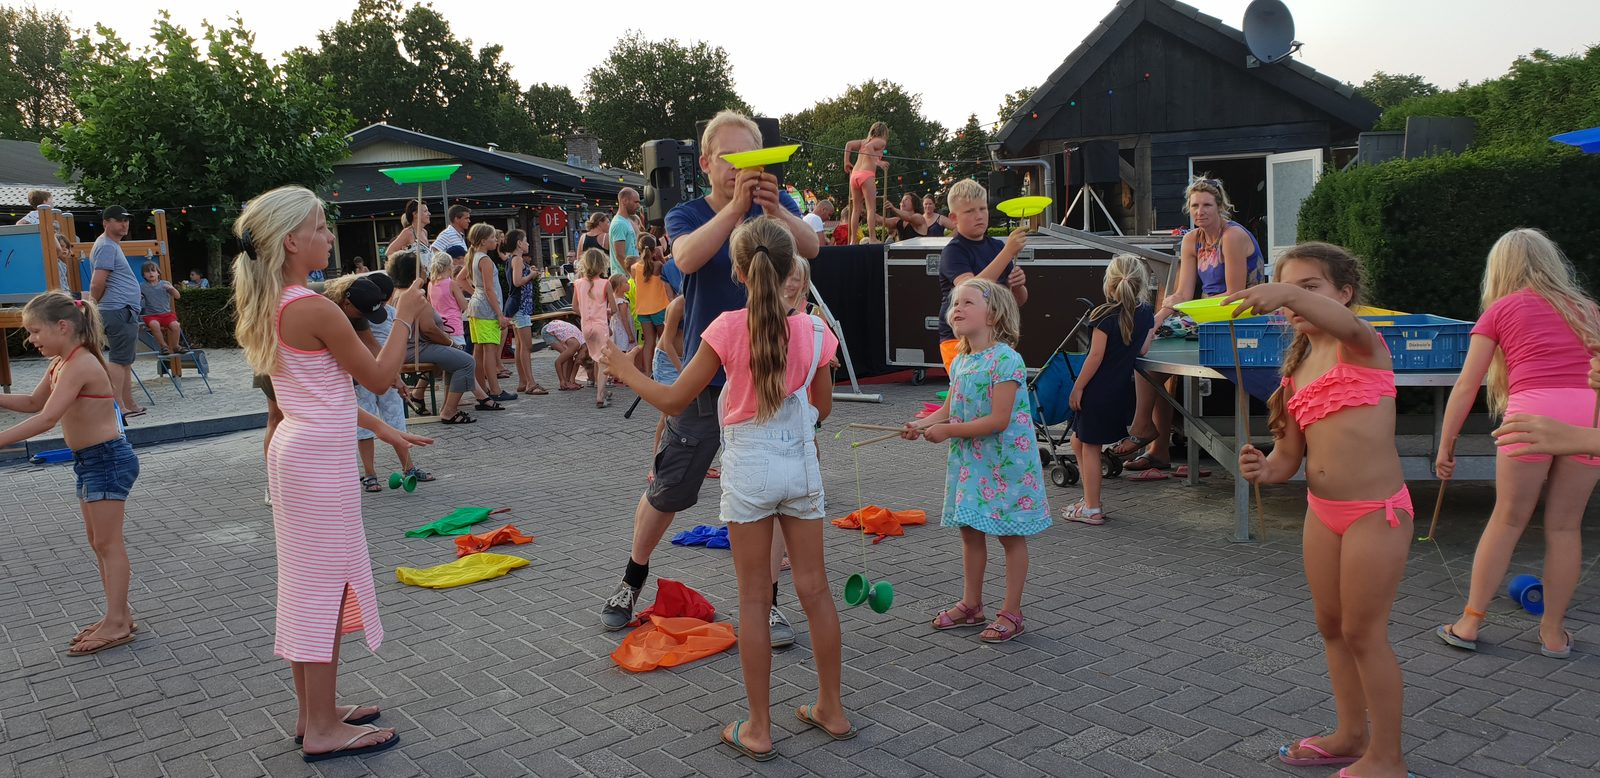 Meedoen met circusactiviteiten op Recreatiepark De Boshoek in Voorthuizen